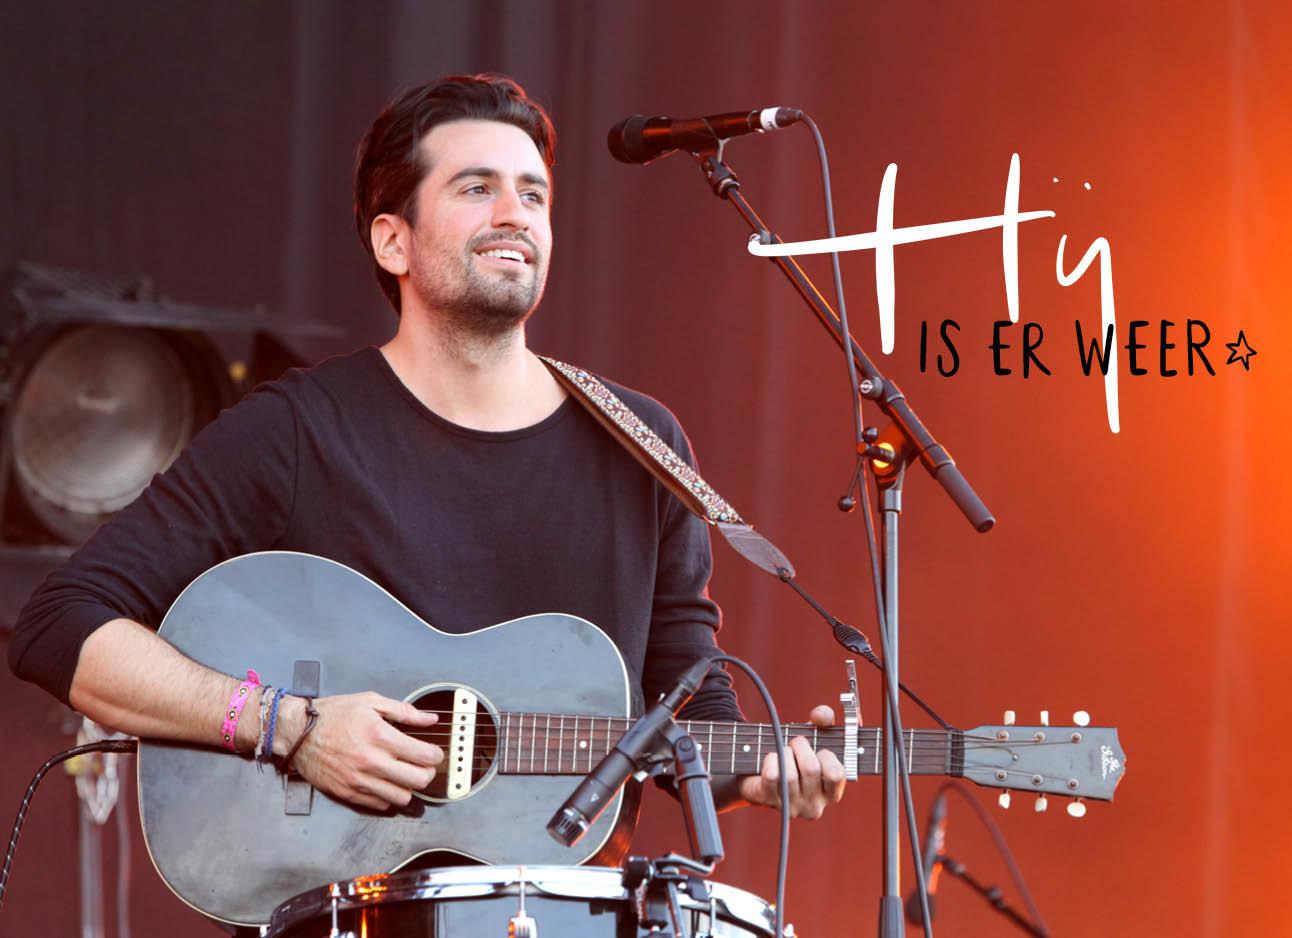 Dotan lachend op het podium met zijn gitaar